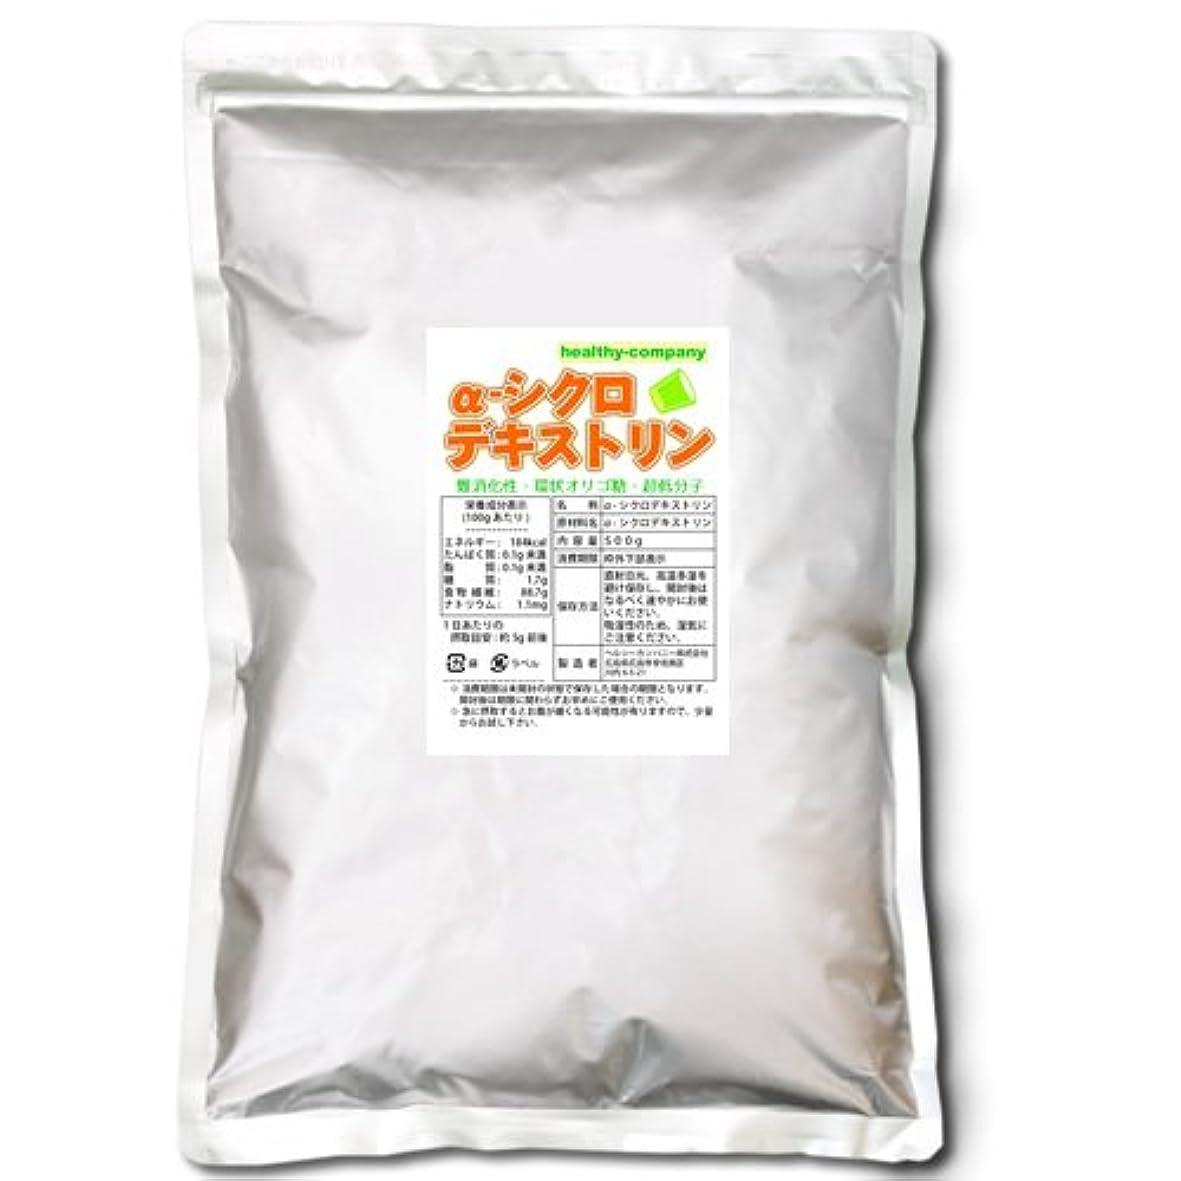 協同縮れた発表するα-シクロデキストリン(サイクロデキストリン 環状オリゴ糖)500g